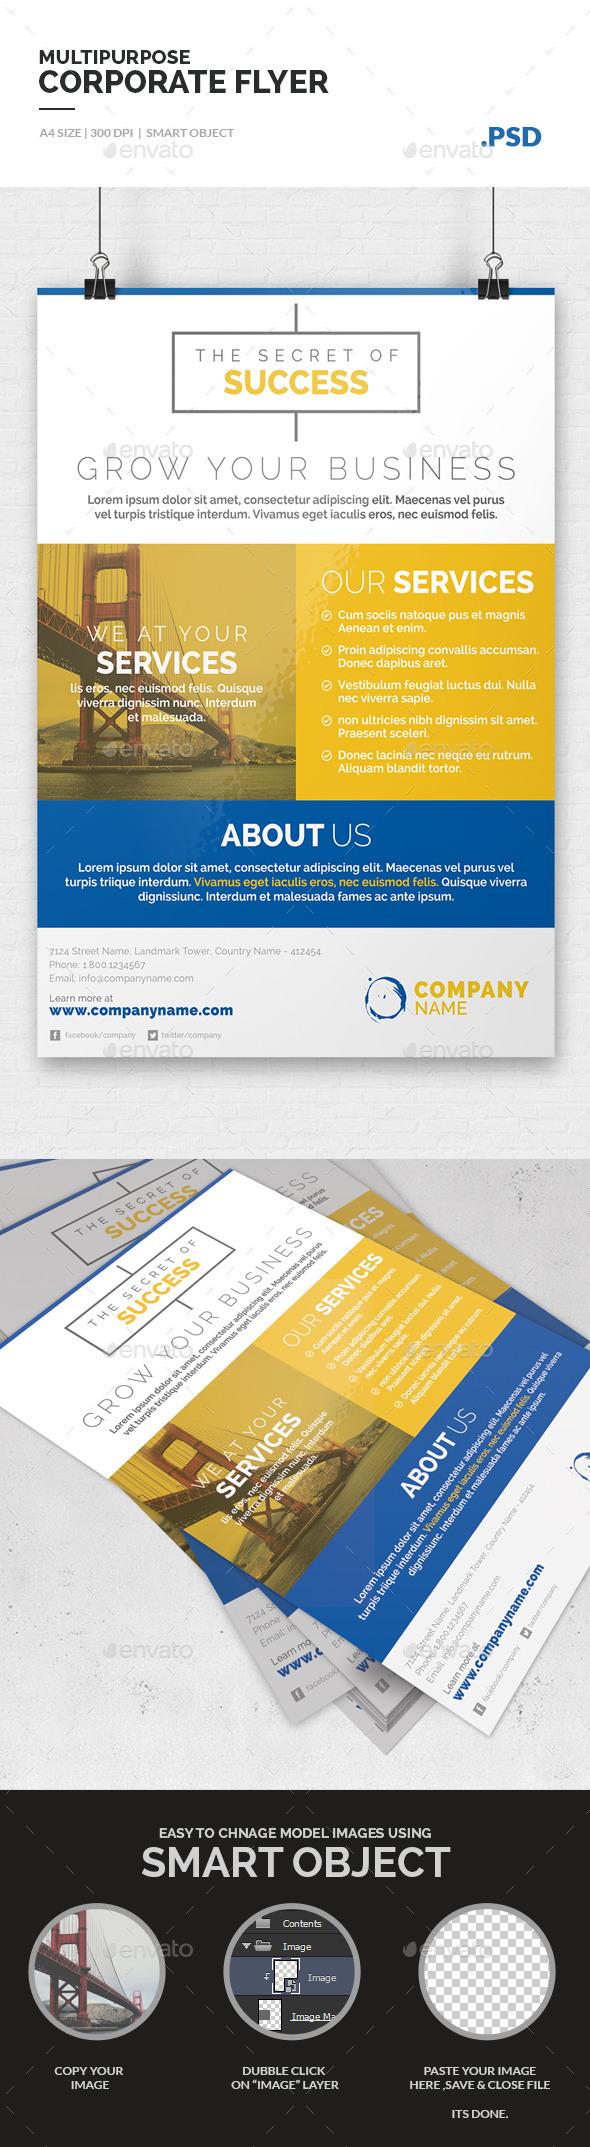 Multipurpose Corporate Flyer Template - Corporate Flyers